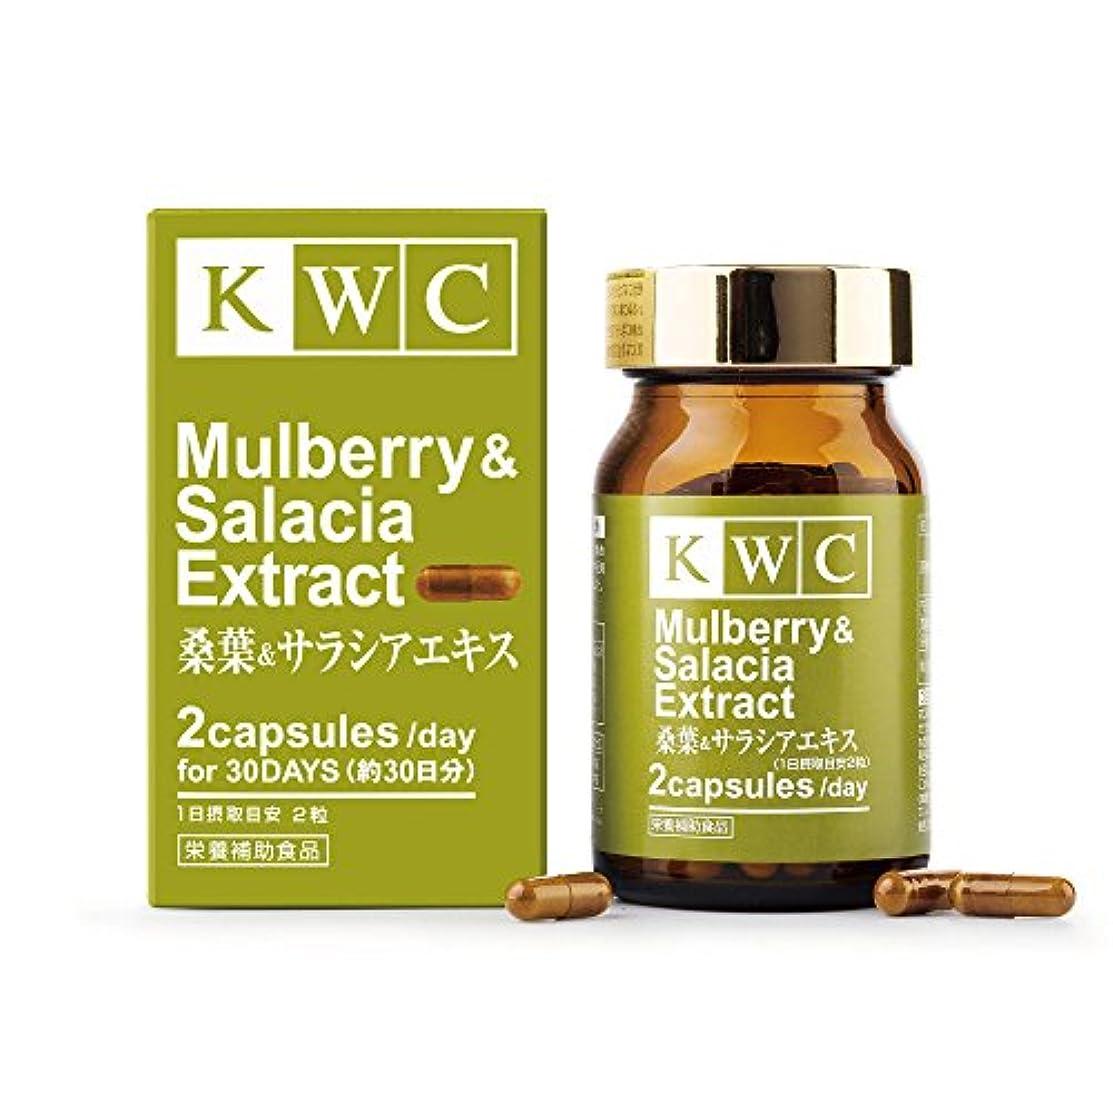 キャロライン子豚タイヤKWC 桑葉&サラシアエキス サプリメント 約30日分 60粒